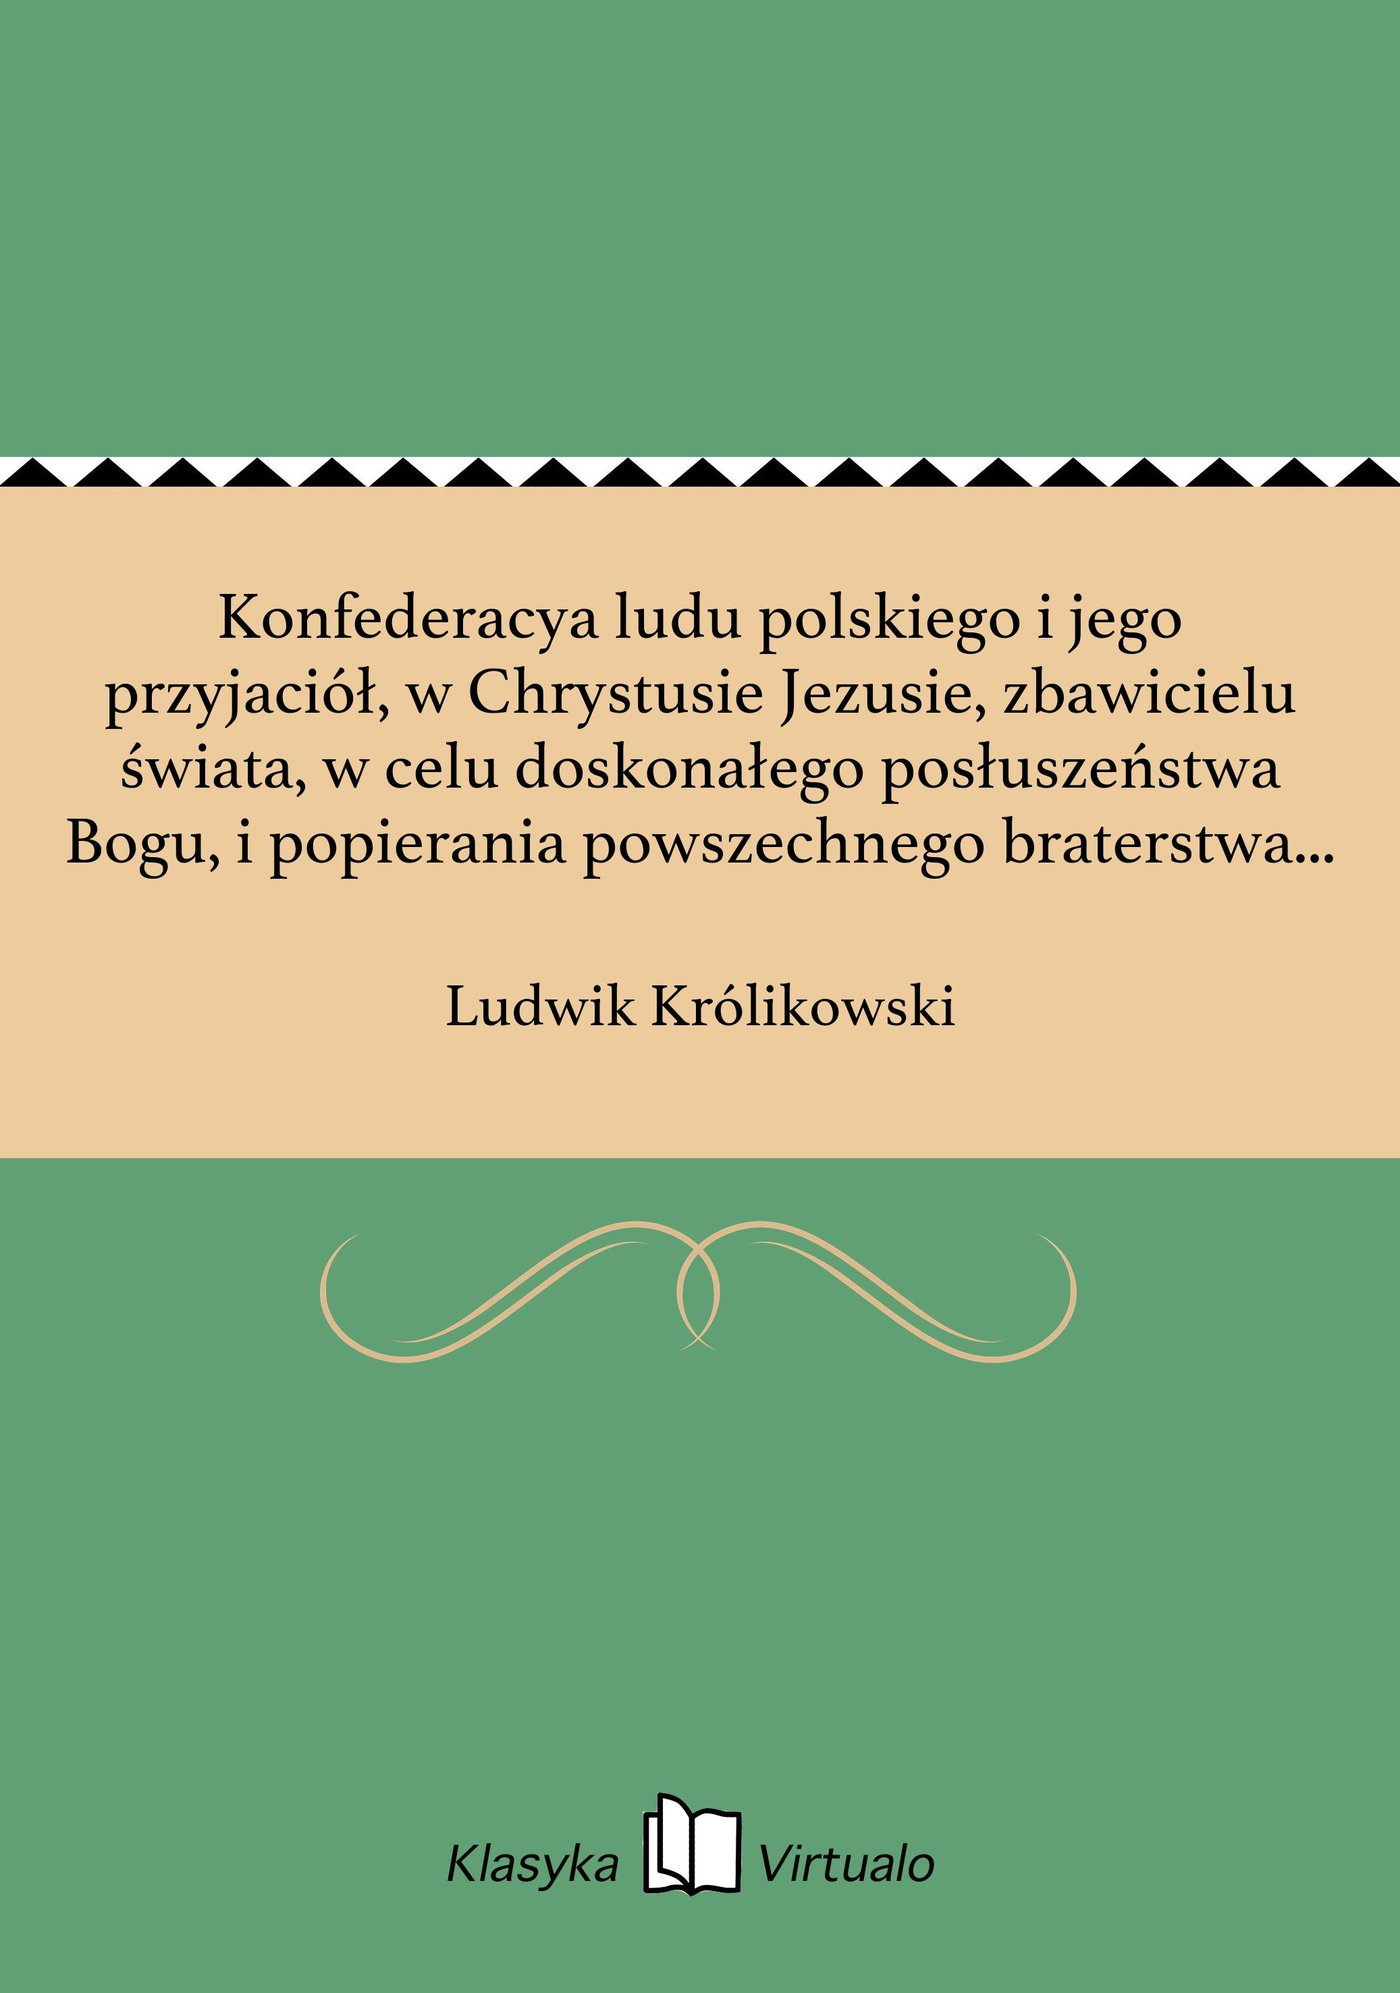 Konfederacya ludu polskiego i jego przyjaciół, w Chrystusie Jezusie, zbawicielu świata, w celu doskonałego posłuszeństwa Bogu, i popierania powszechnego braterstwa między ludźmi i narodami - Ebook (Książka EPUB) do pobrania w formacie EPUB